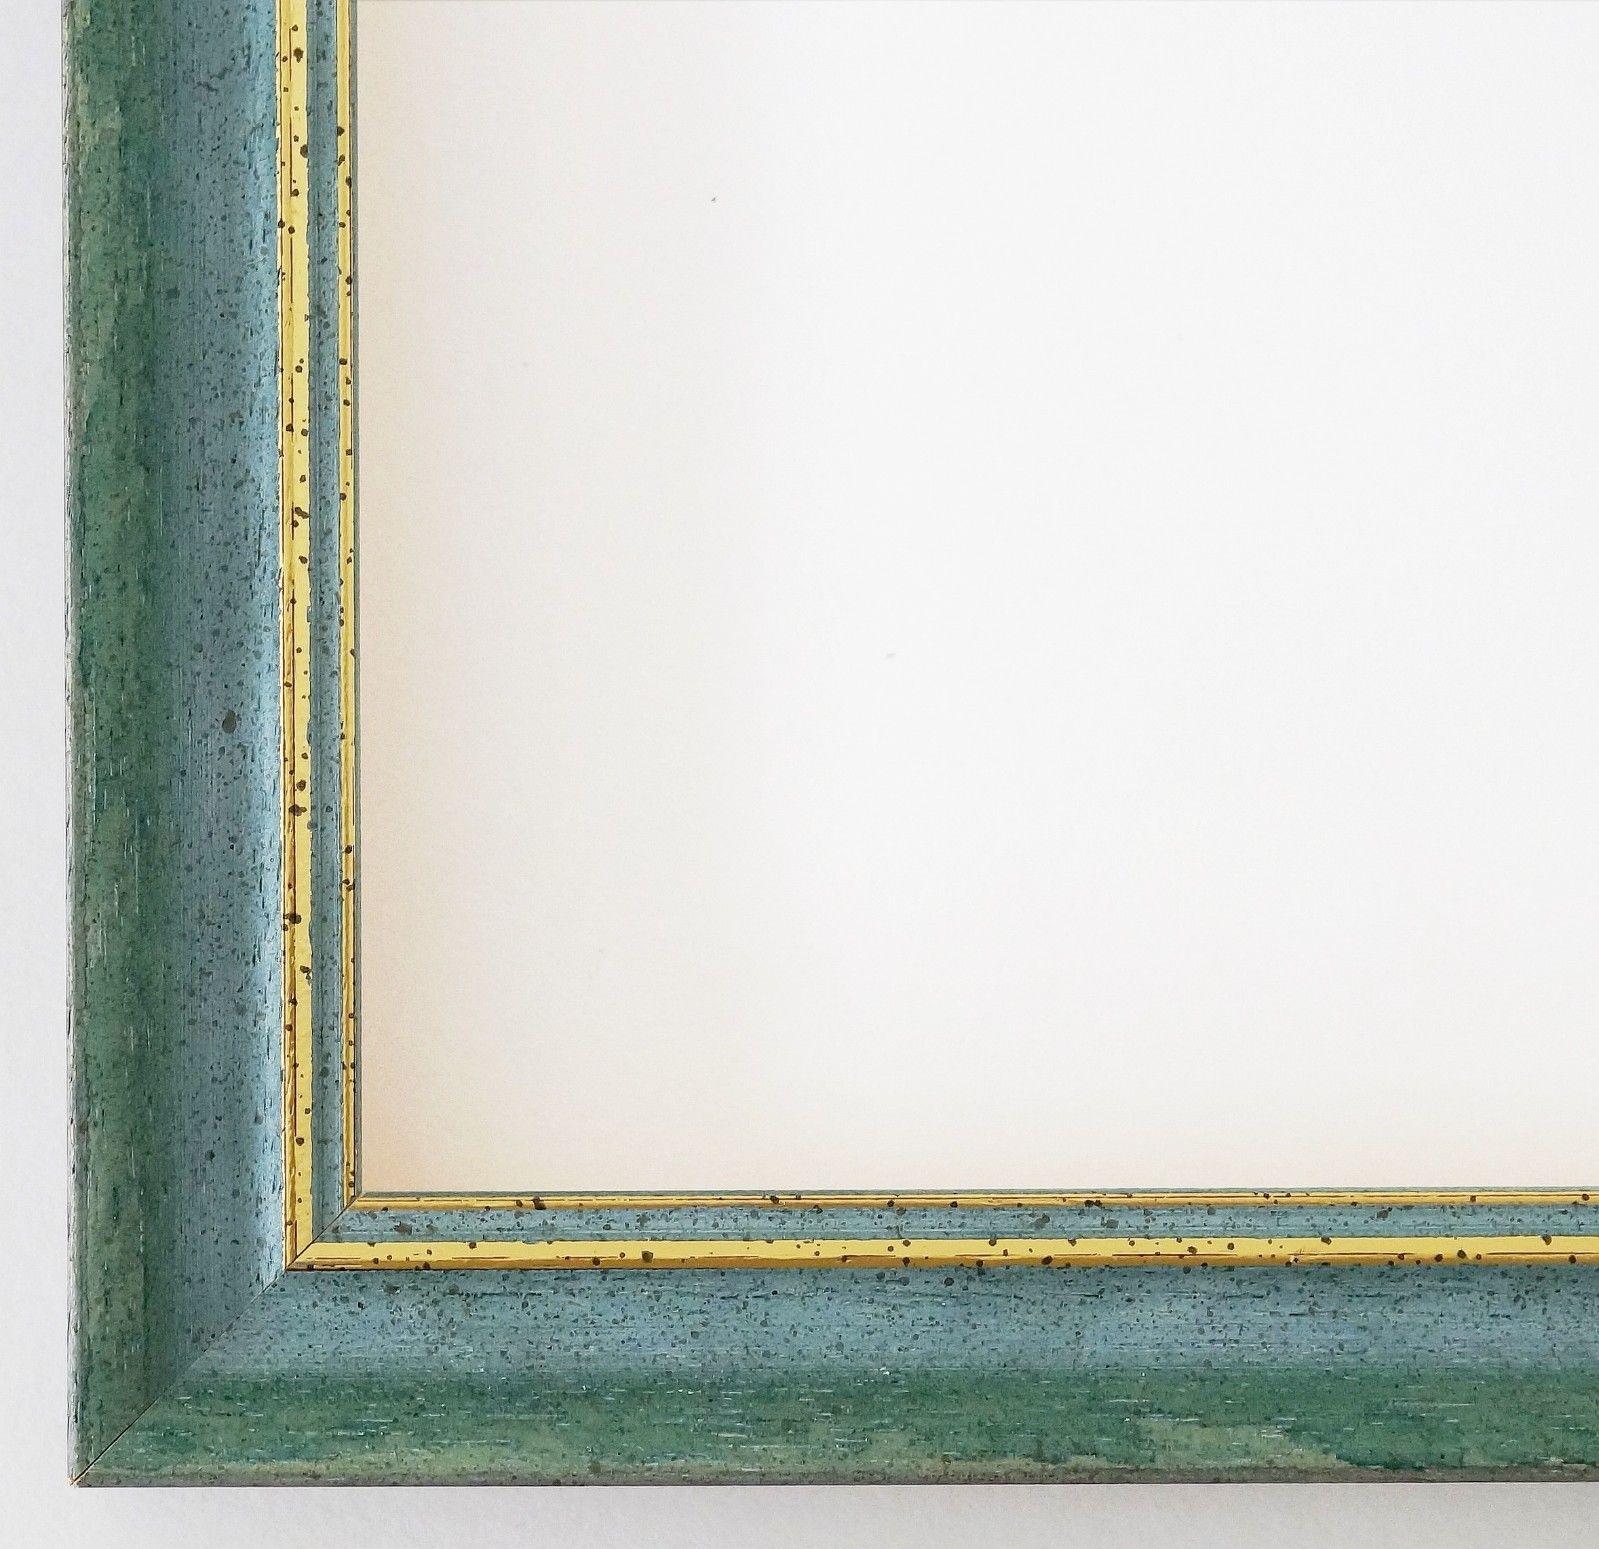 Bilderrahmen Grün Gold Antik Rahmen Klassisch Braunschweig 2, 5 alle ...